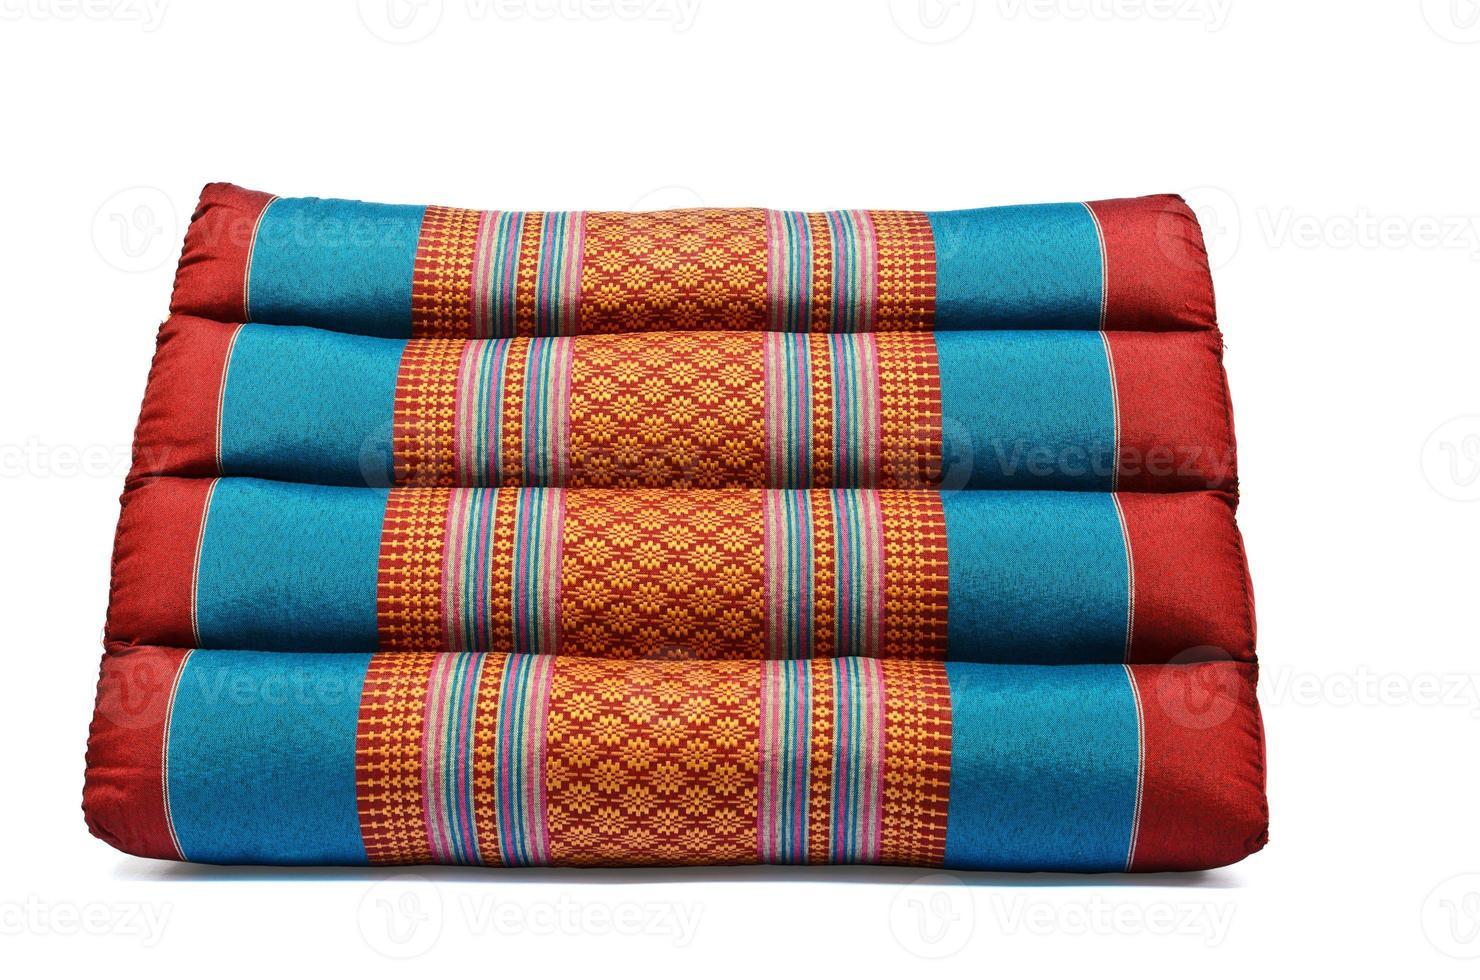 cuscino in stile tailandese nativo di tradizione foto